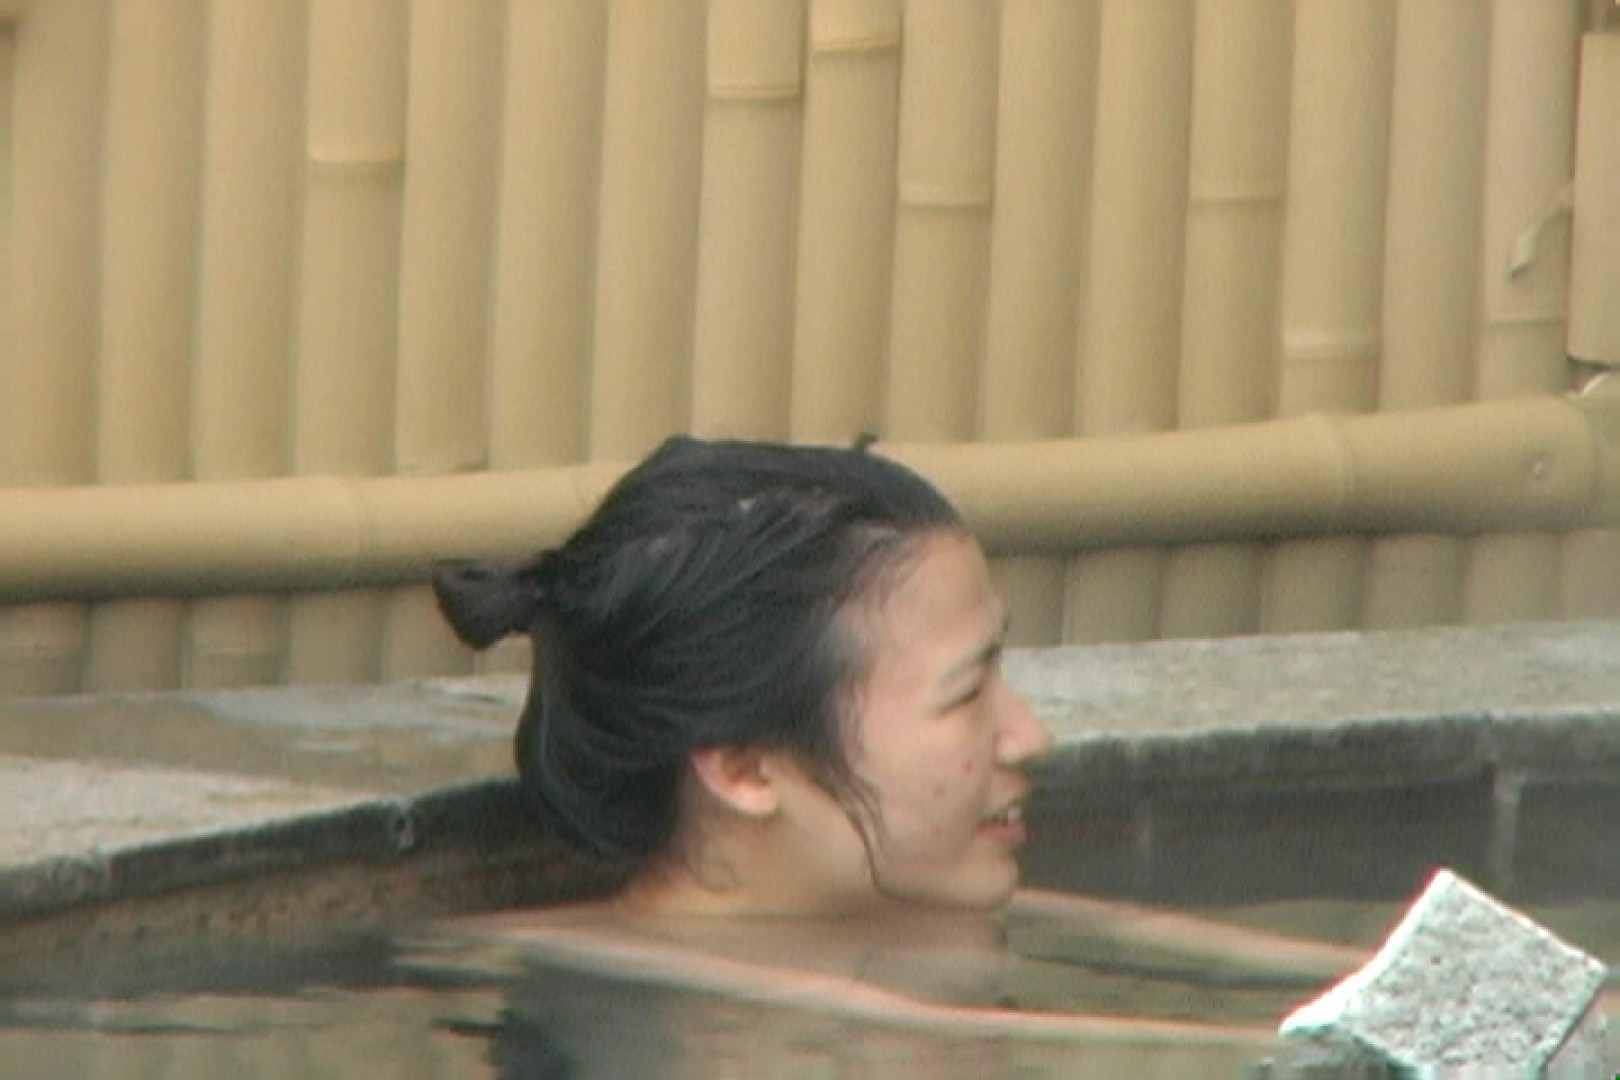 Aquaな露天風呂Vol.647 盗撮動画 | 露天風呂  10枚 9